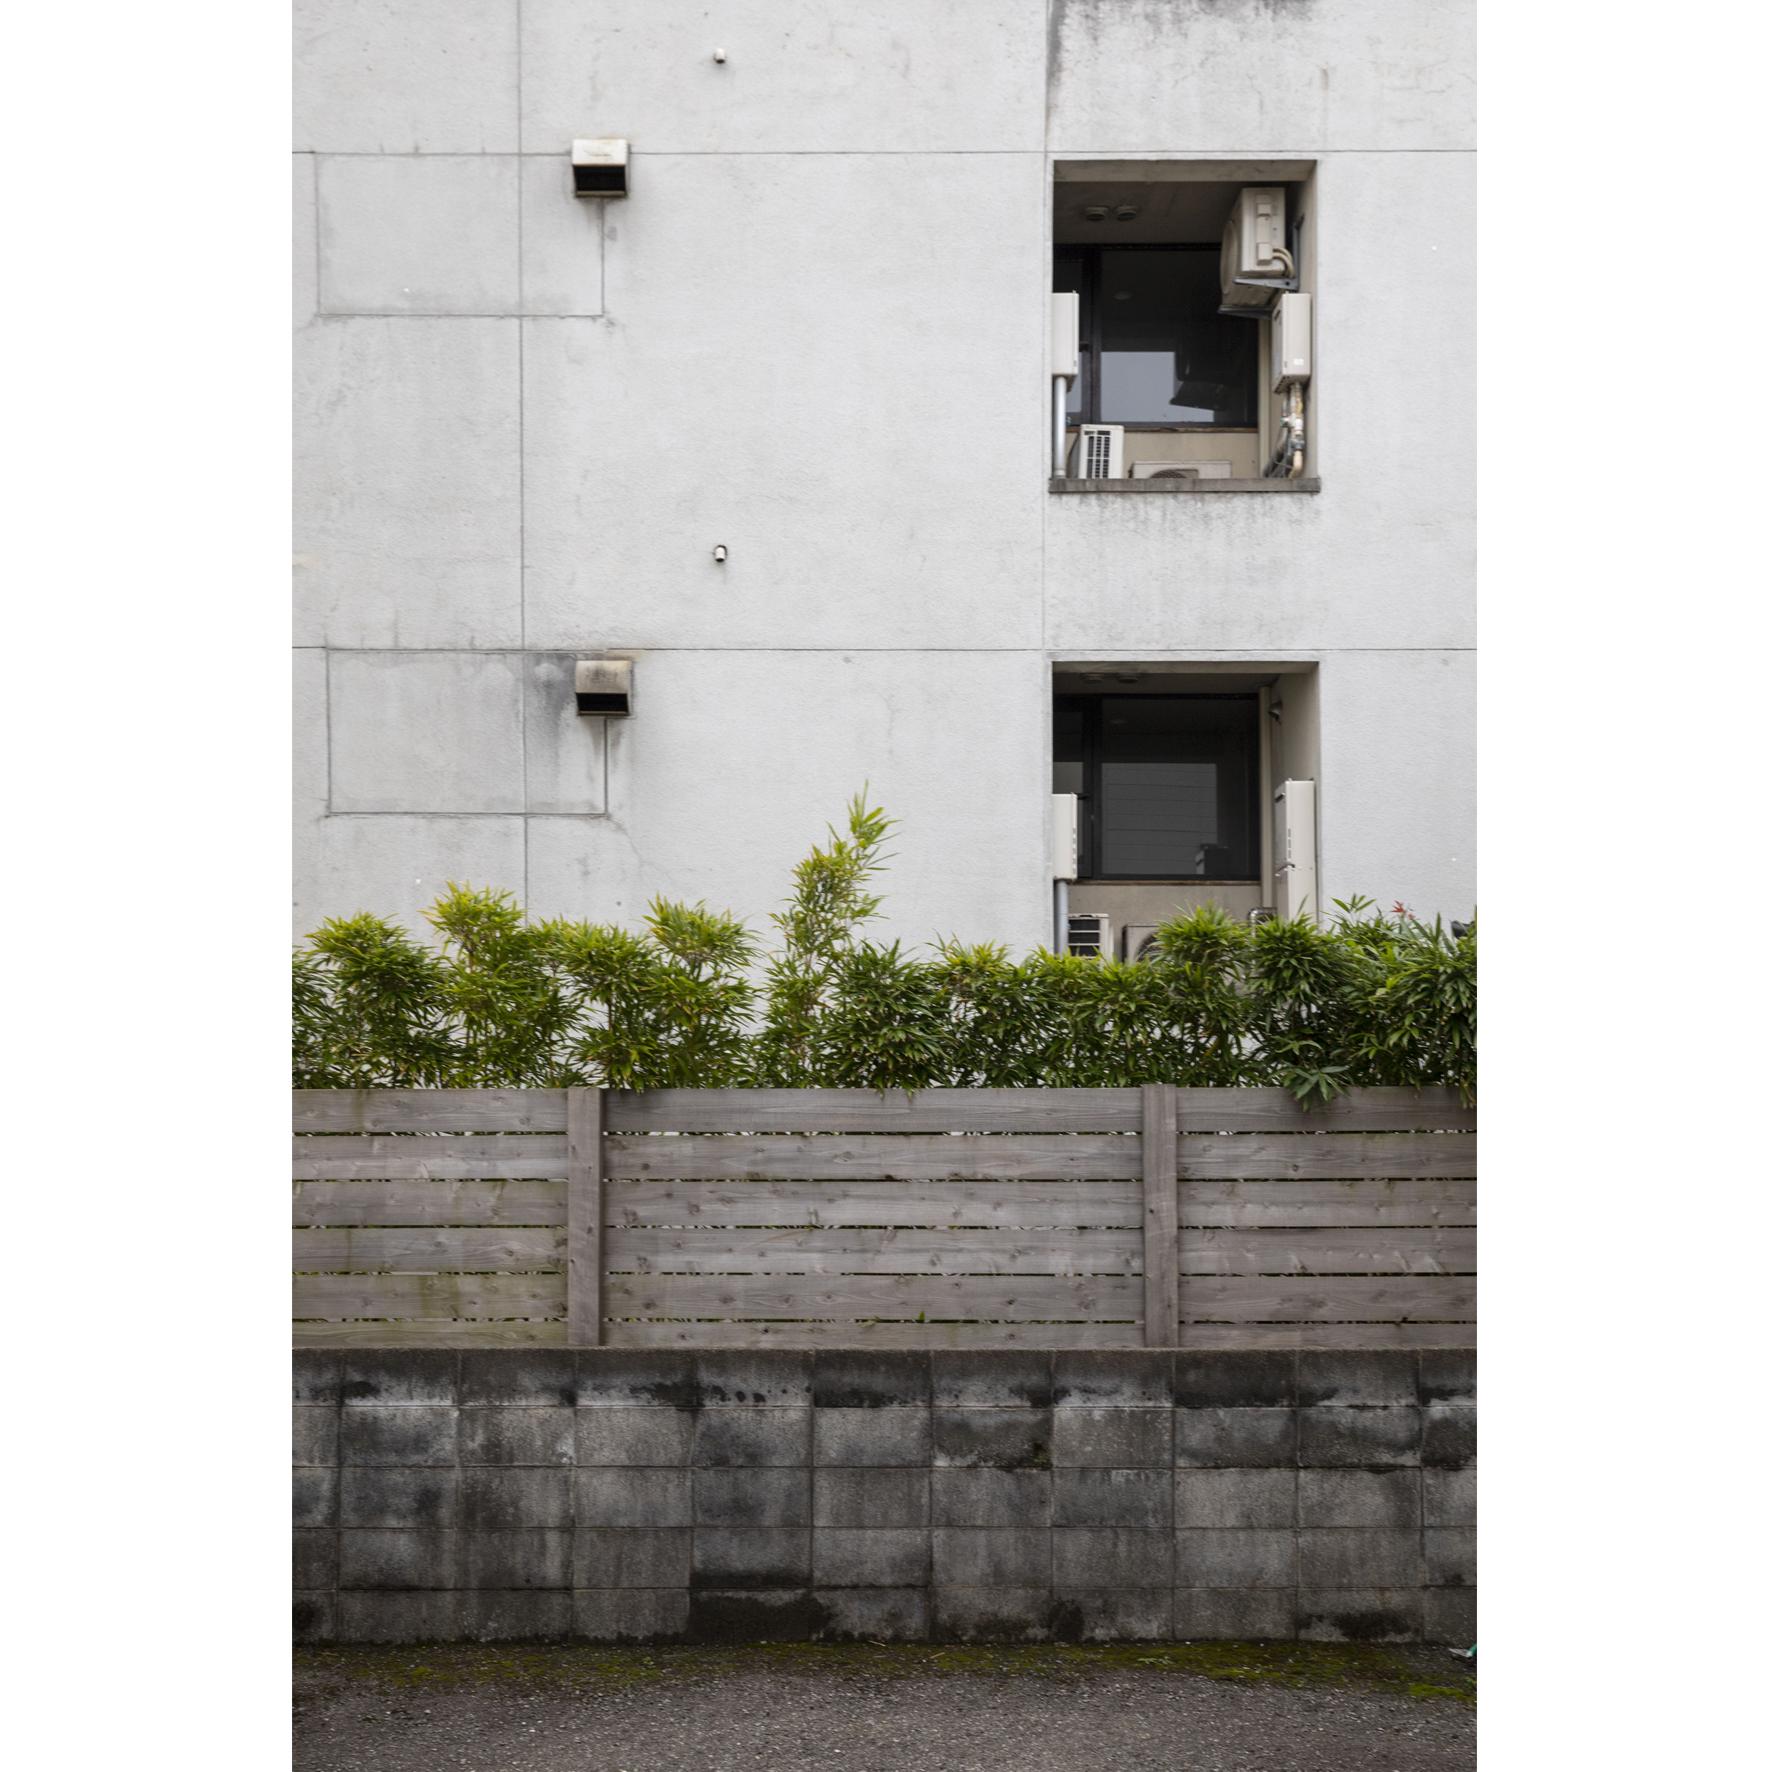 Paysages domestiques_0014_Calque 6